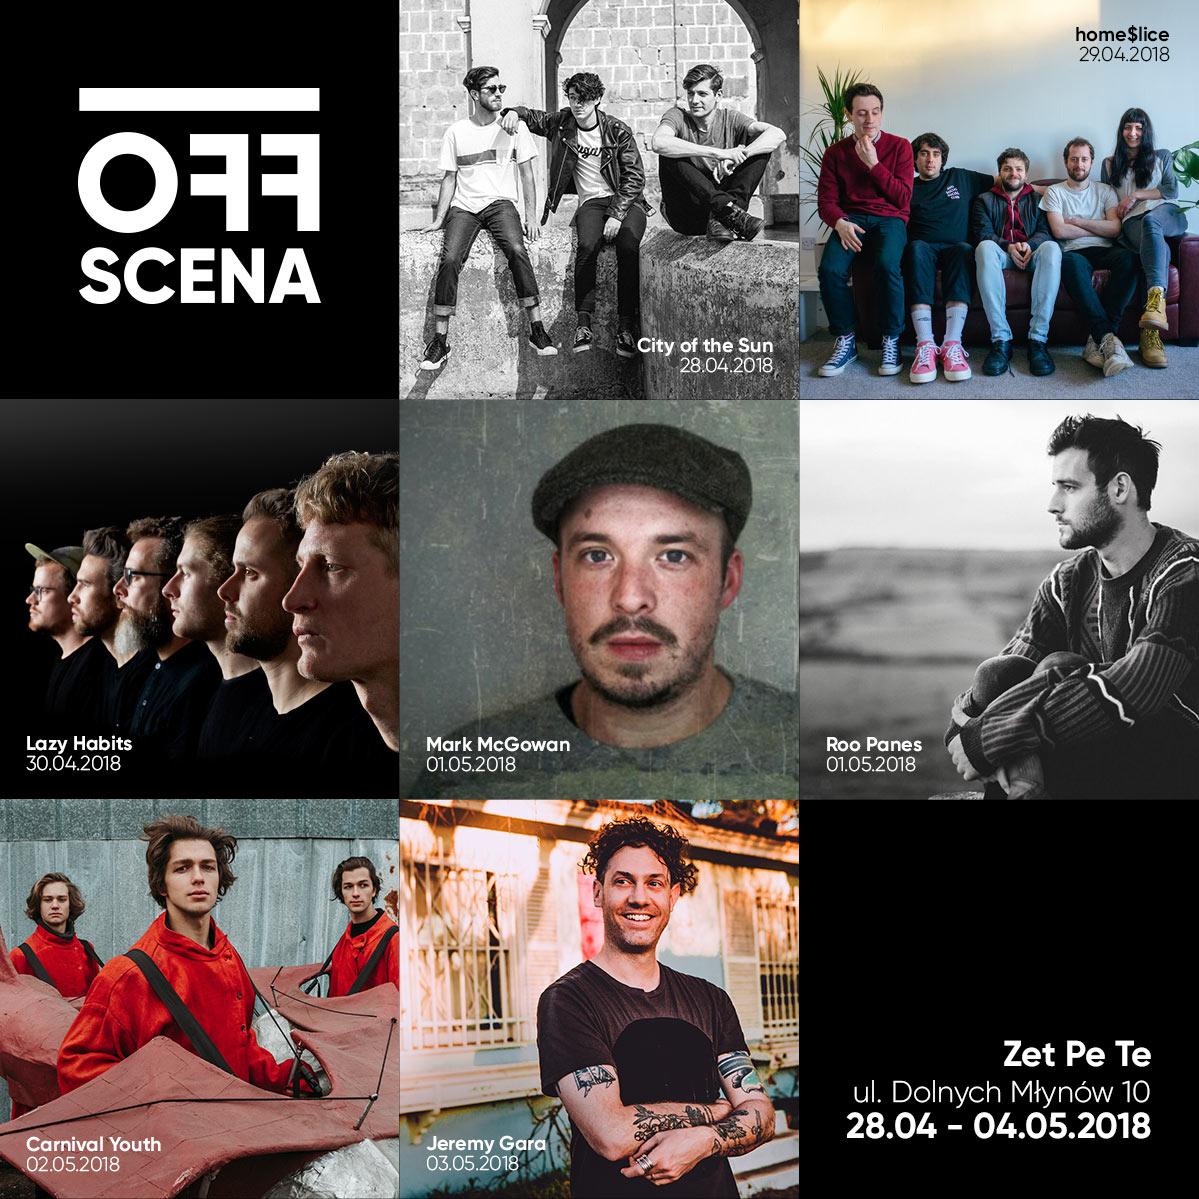 Znamy wszystkich artystów tegorocznej Off Sceny!